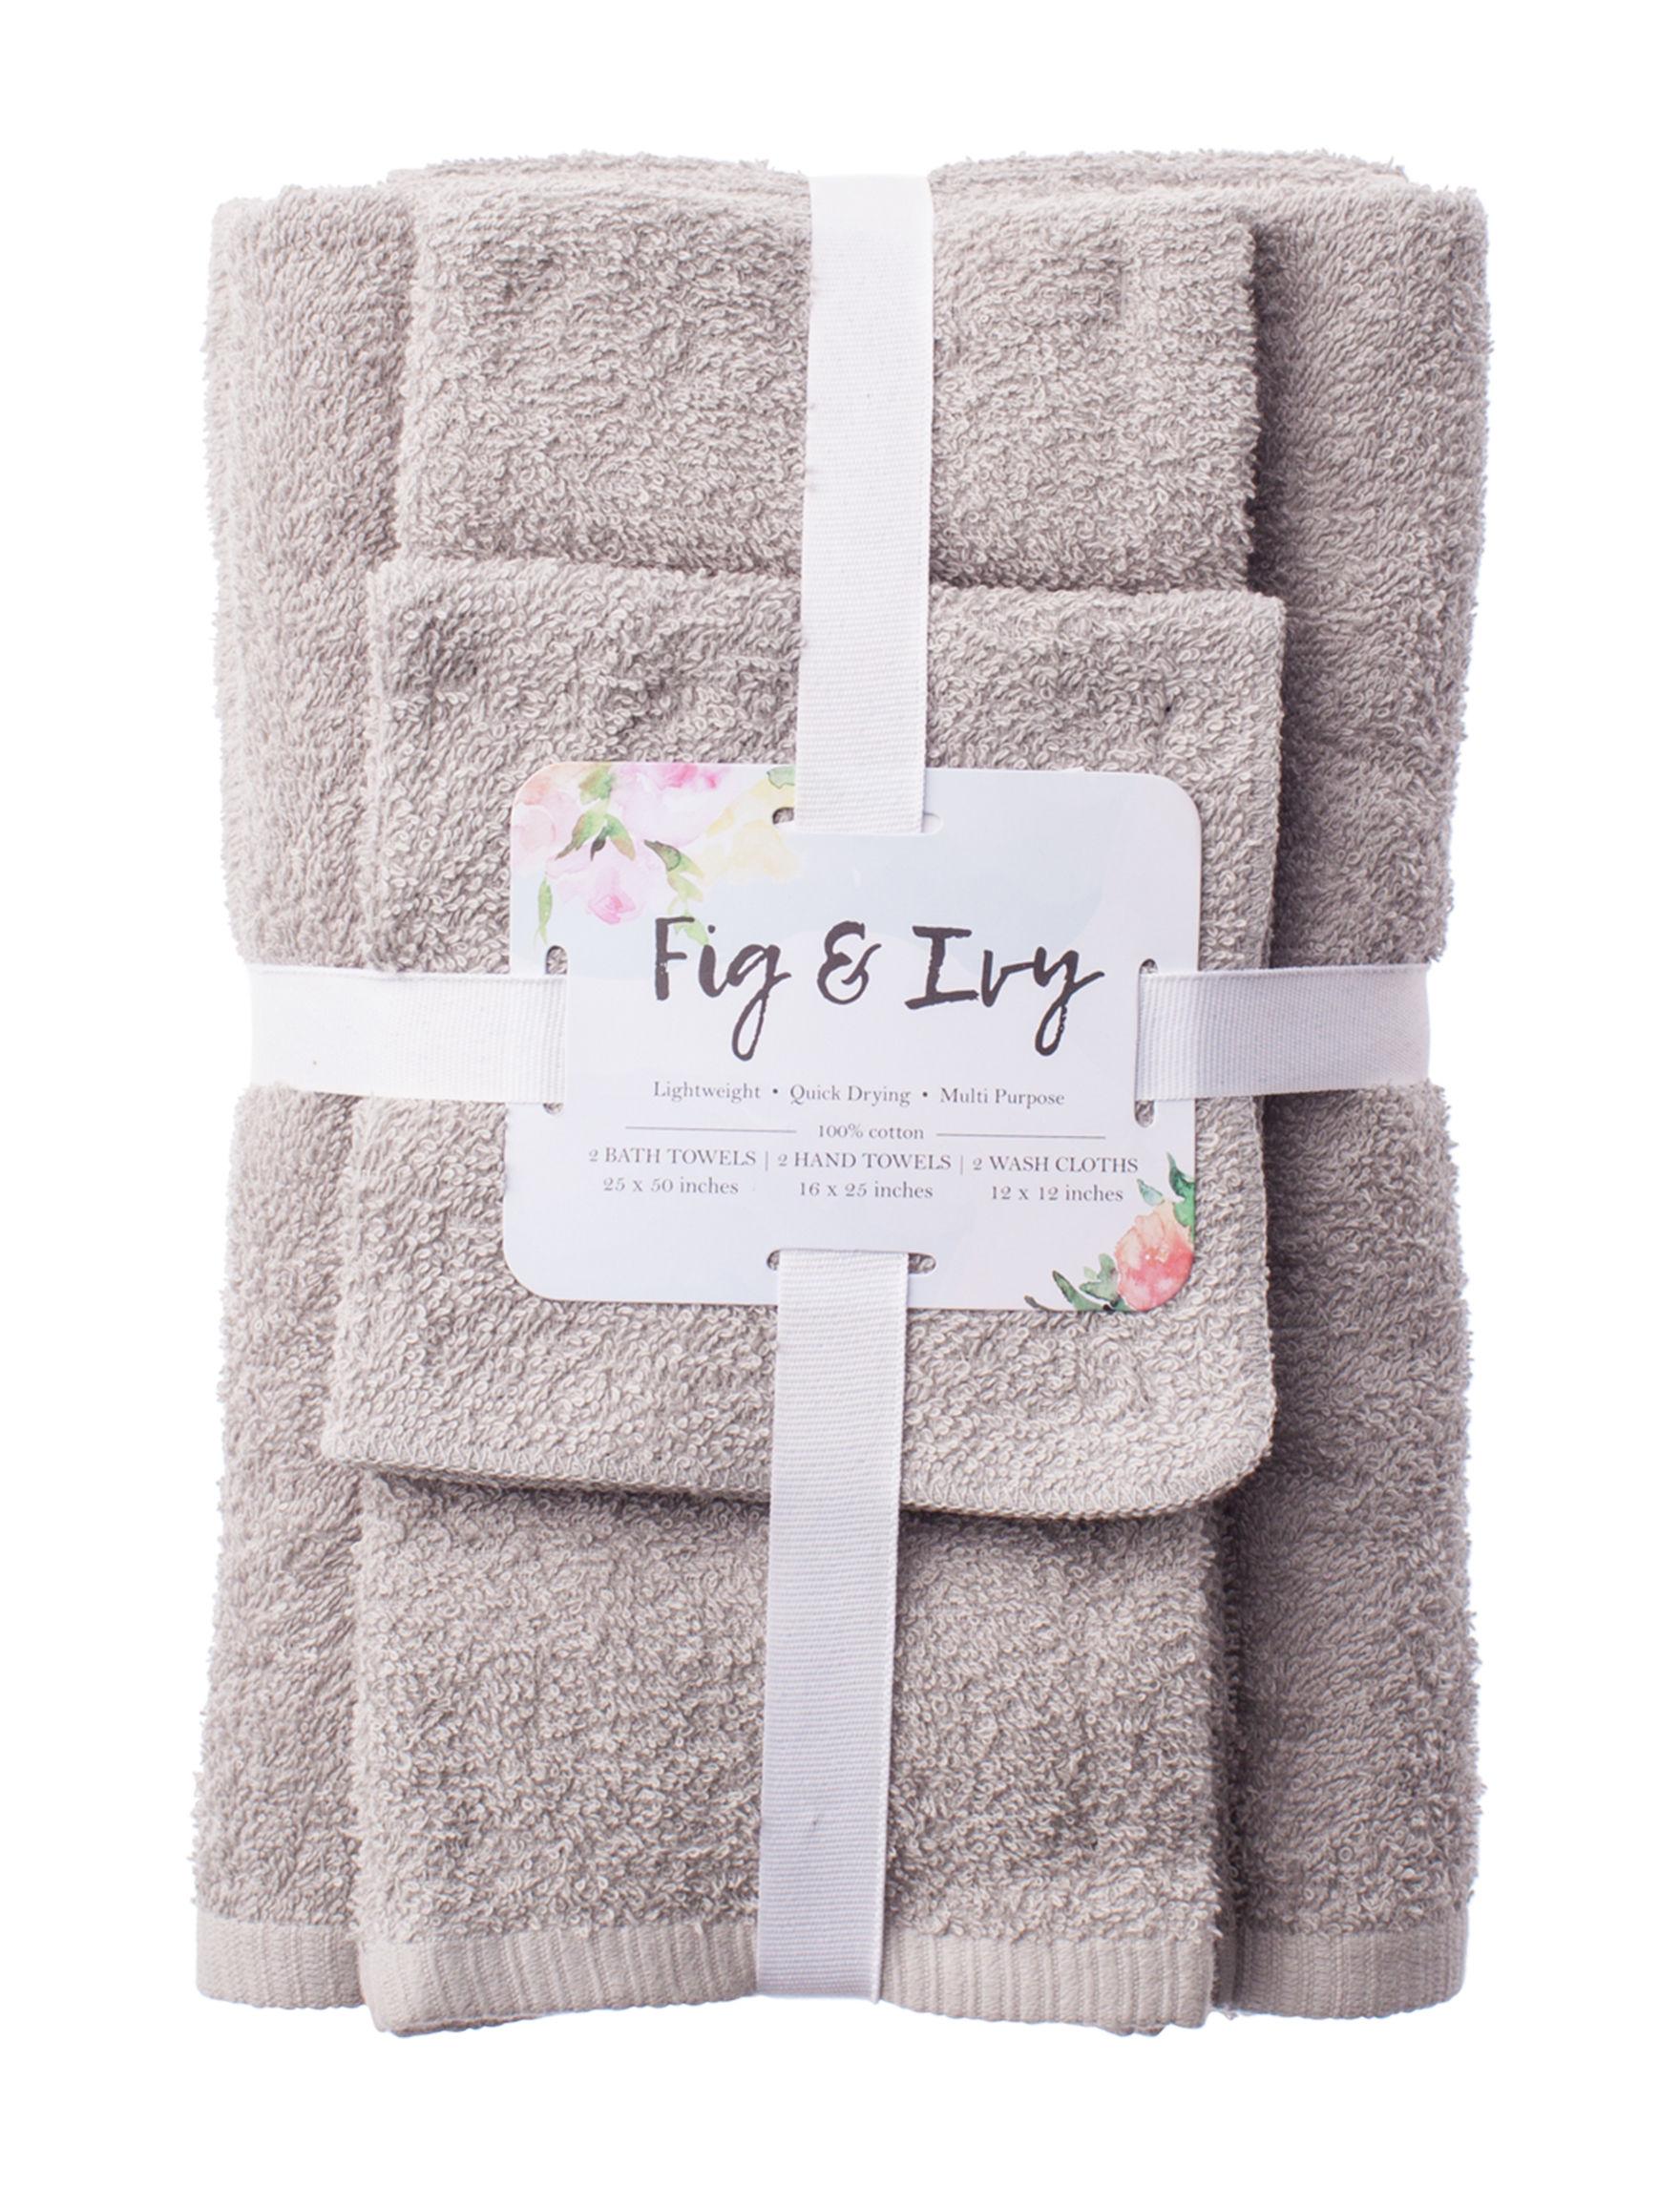 Fig & Ivy Grey Bath Towels Hand Towels Towel Sets Washcloths Towels